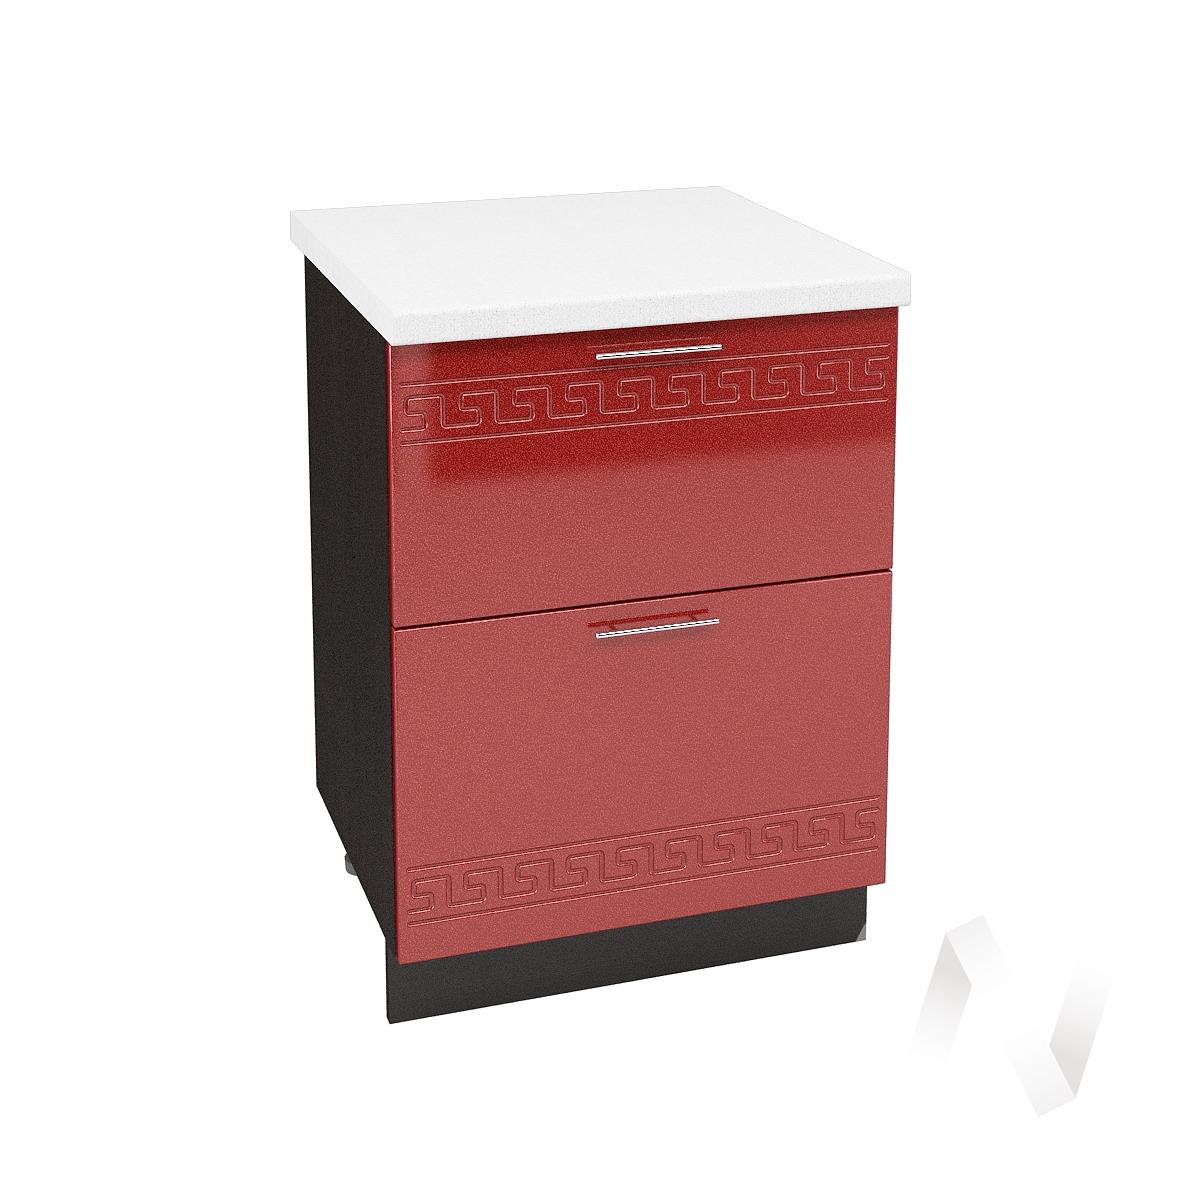 """Кухня """"Греция"""": Шкаф нижний с 2-мя ящиками 600, ШН2Я 600 (гранатовый металлик/корпус венге)"""